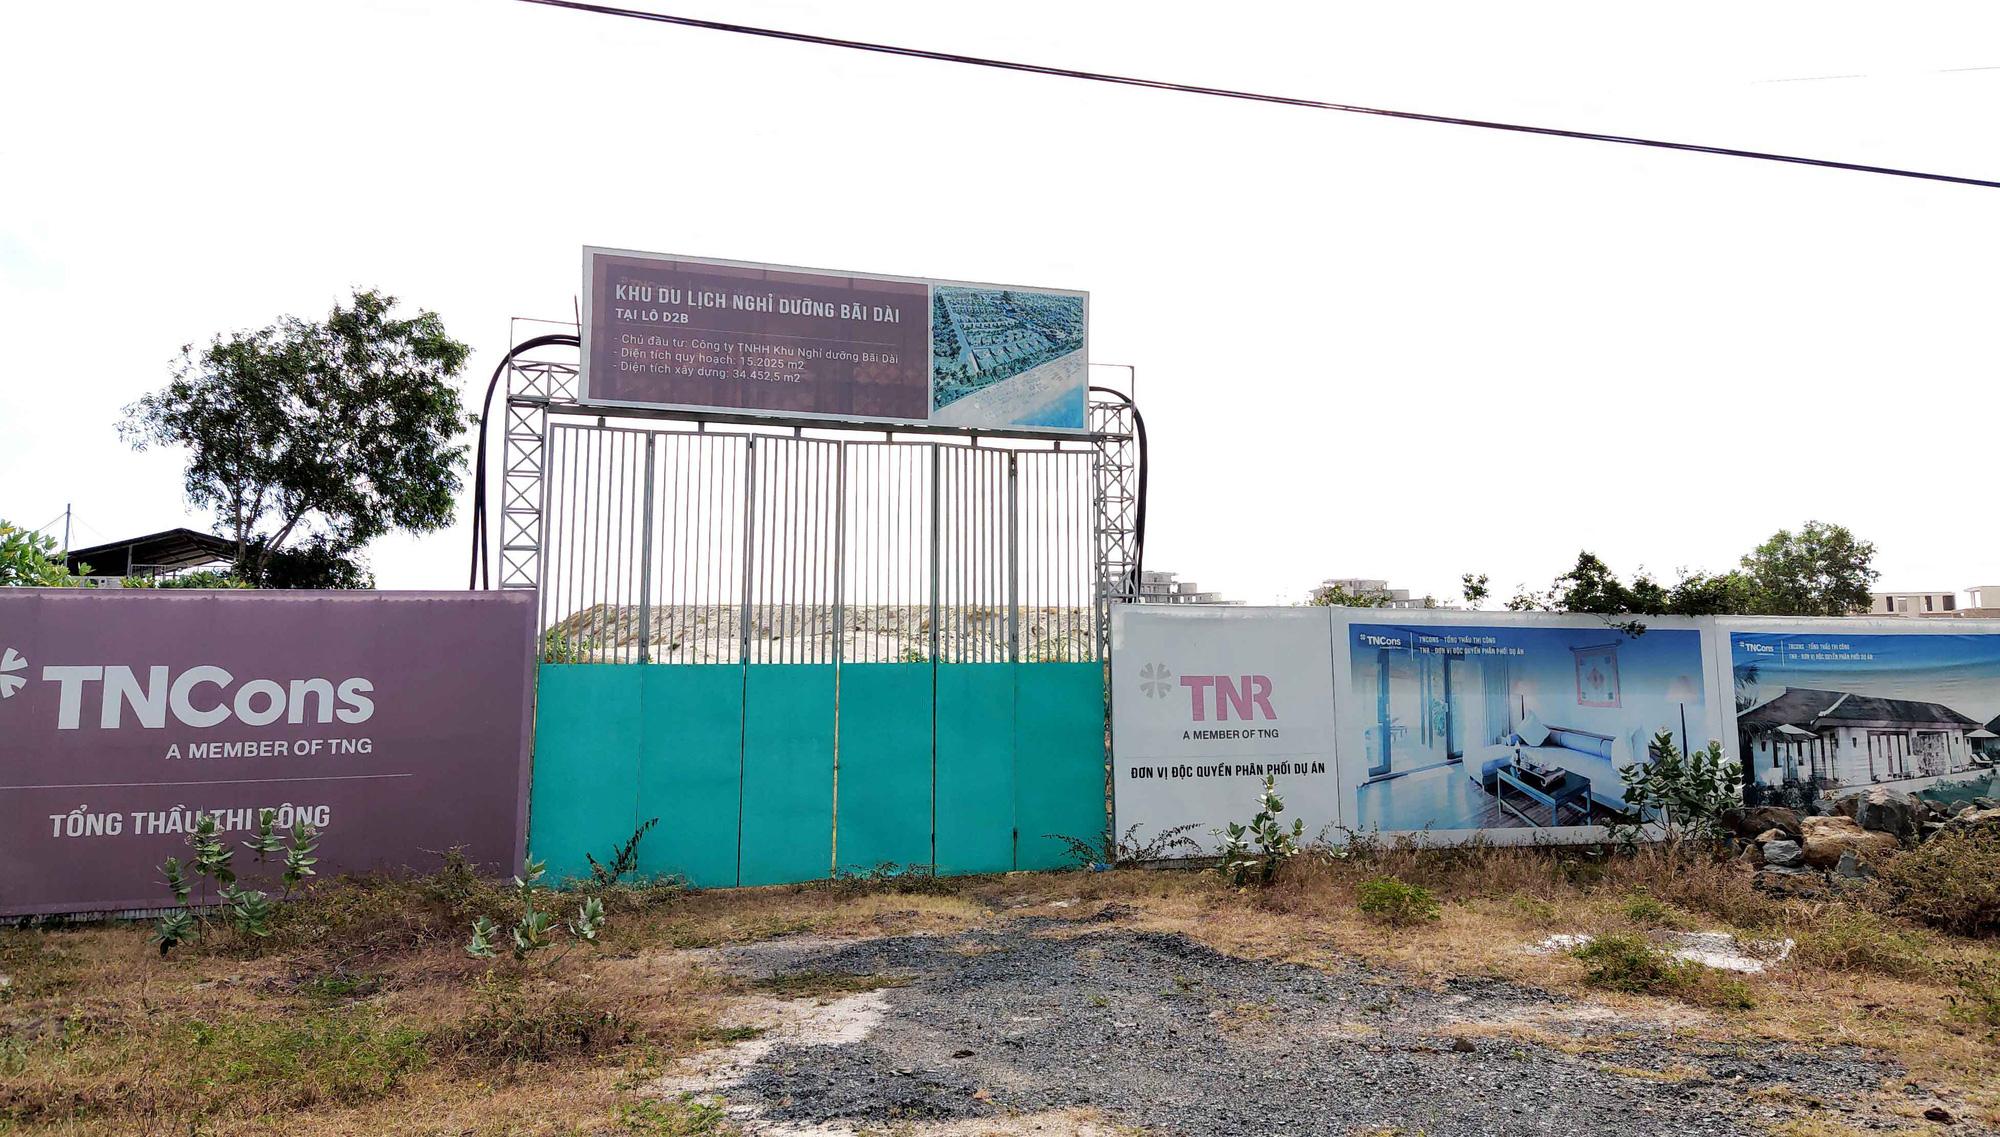 KDL Bắc bán đảo Cam Ranh: Hàng loạt dự án chuyển đổi đất thương mại dịch vụ sang đất ở không hình thành đơn vị ở - Ảnh 3.